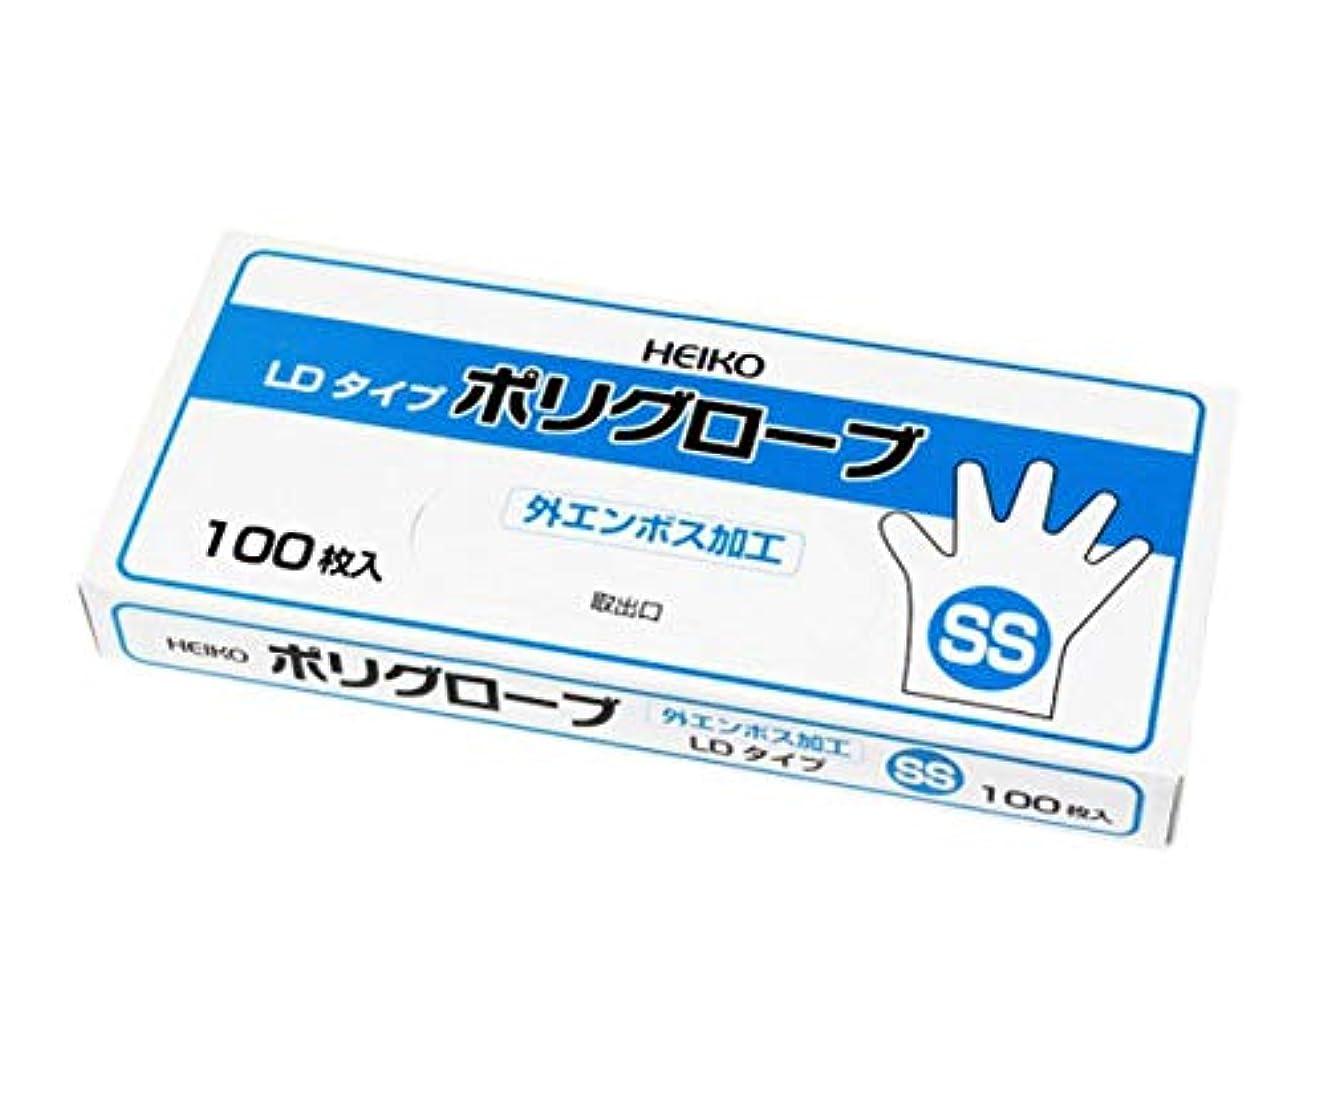 船酔い麦芽召喚するHEIKO ポリグローブ ポリLD 外エンボス100入 SS 100枚/62-1021-93